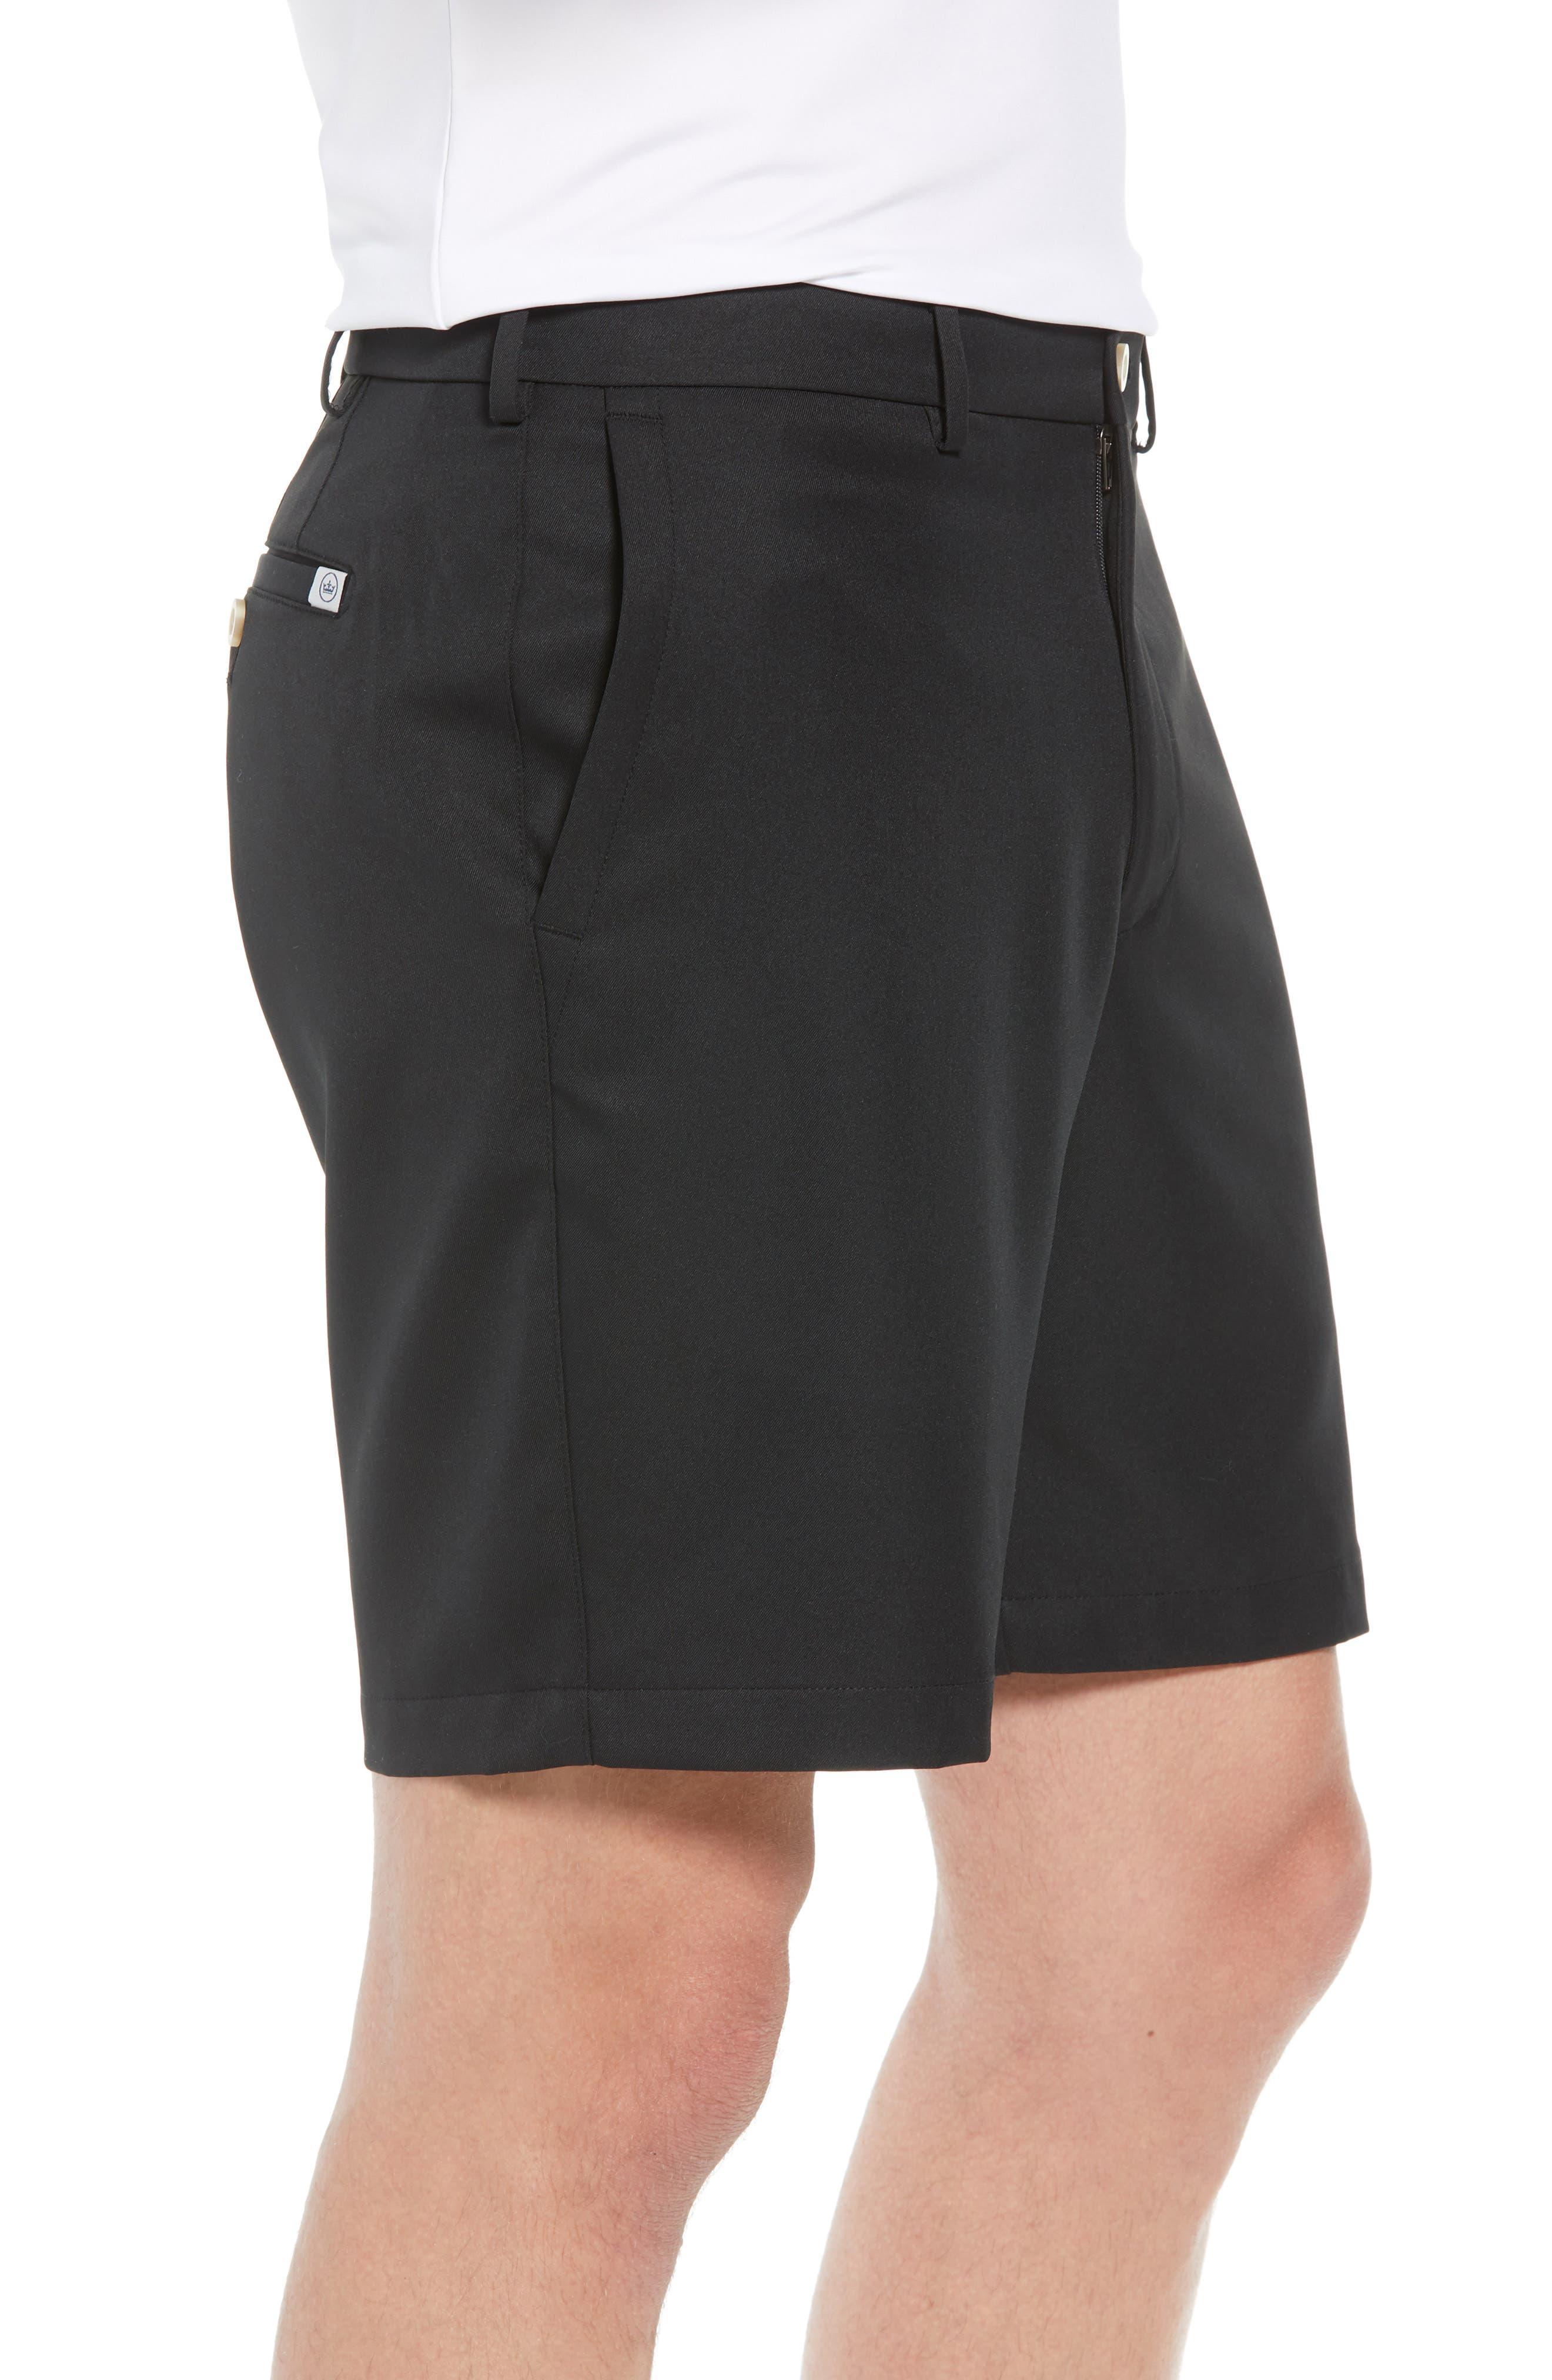 PETER MILLAR, Salem High Drape Performance Shorts, Alternate thumbnail 3, color, BLACK